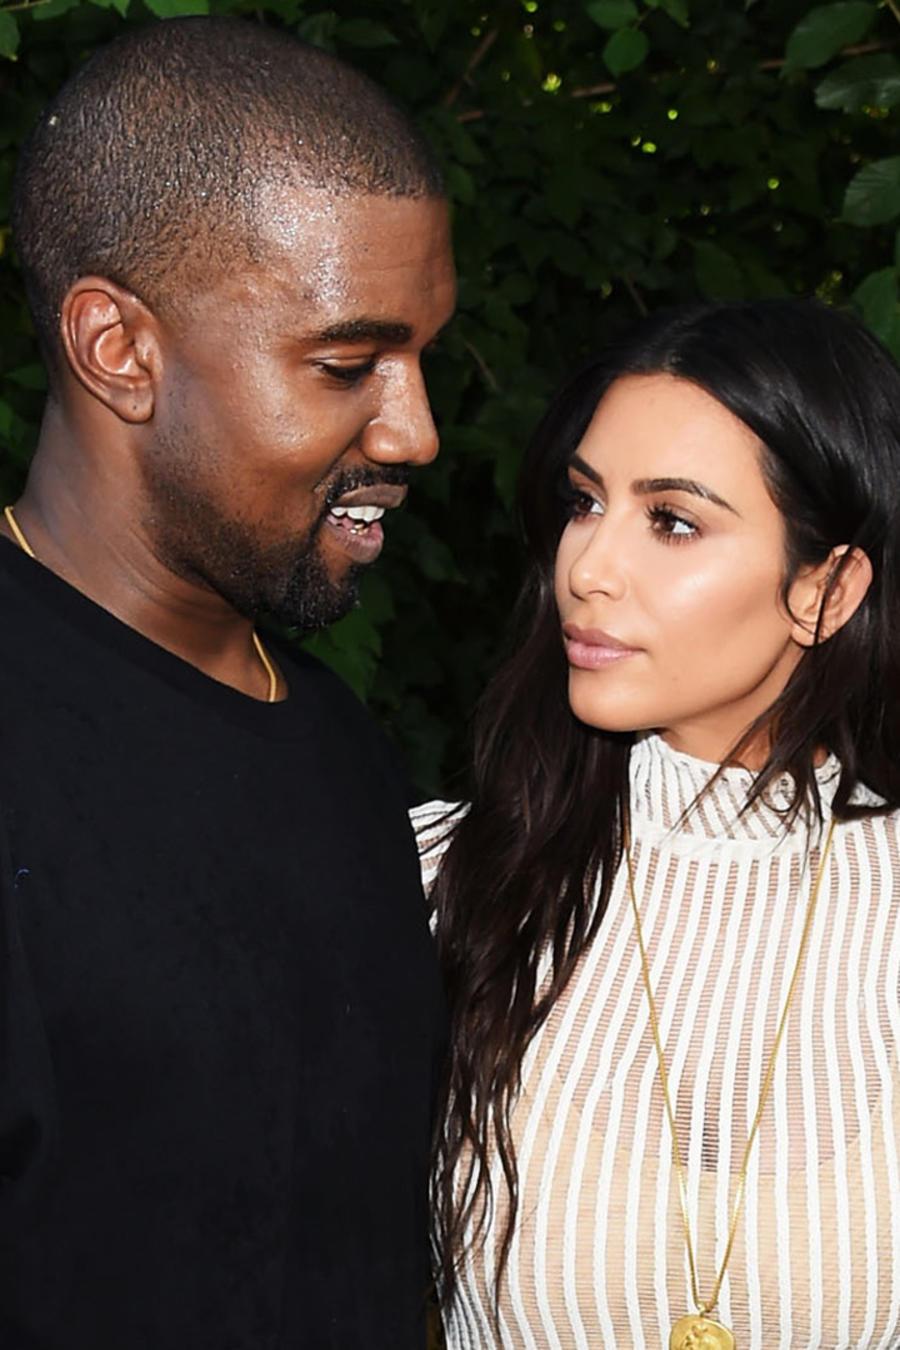 Kanye West y Kim Kardashian en el Kanye West Yeezy Season 4 fashion show en septiembre de 2016 en la ciudad de Nueva York